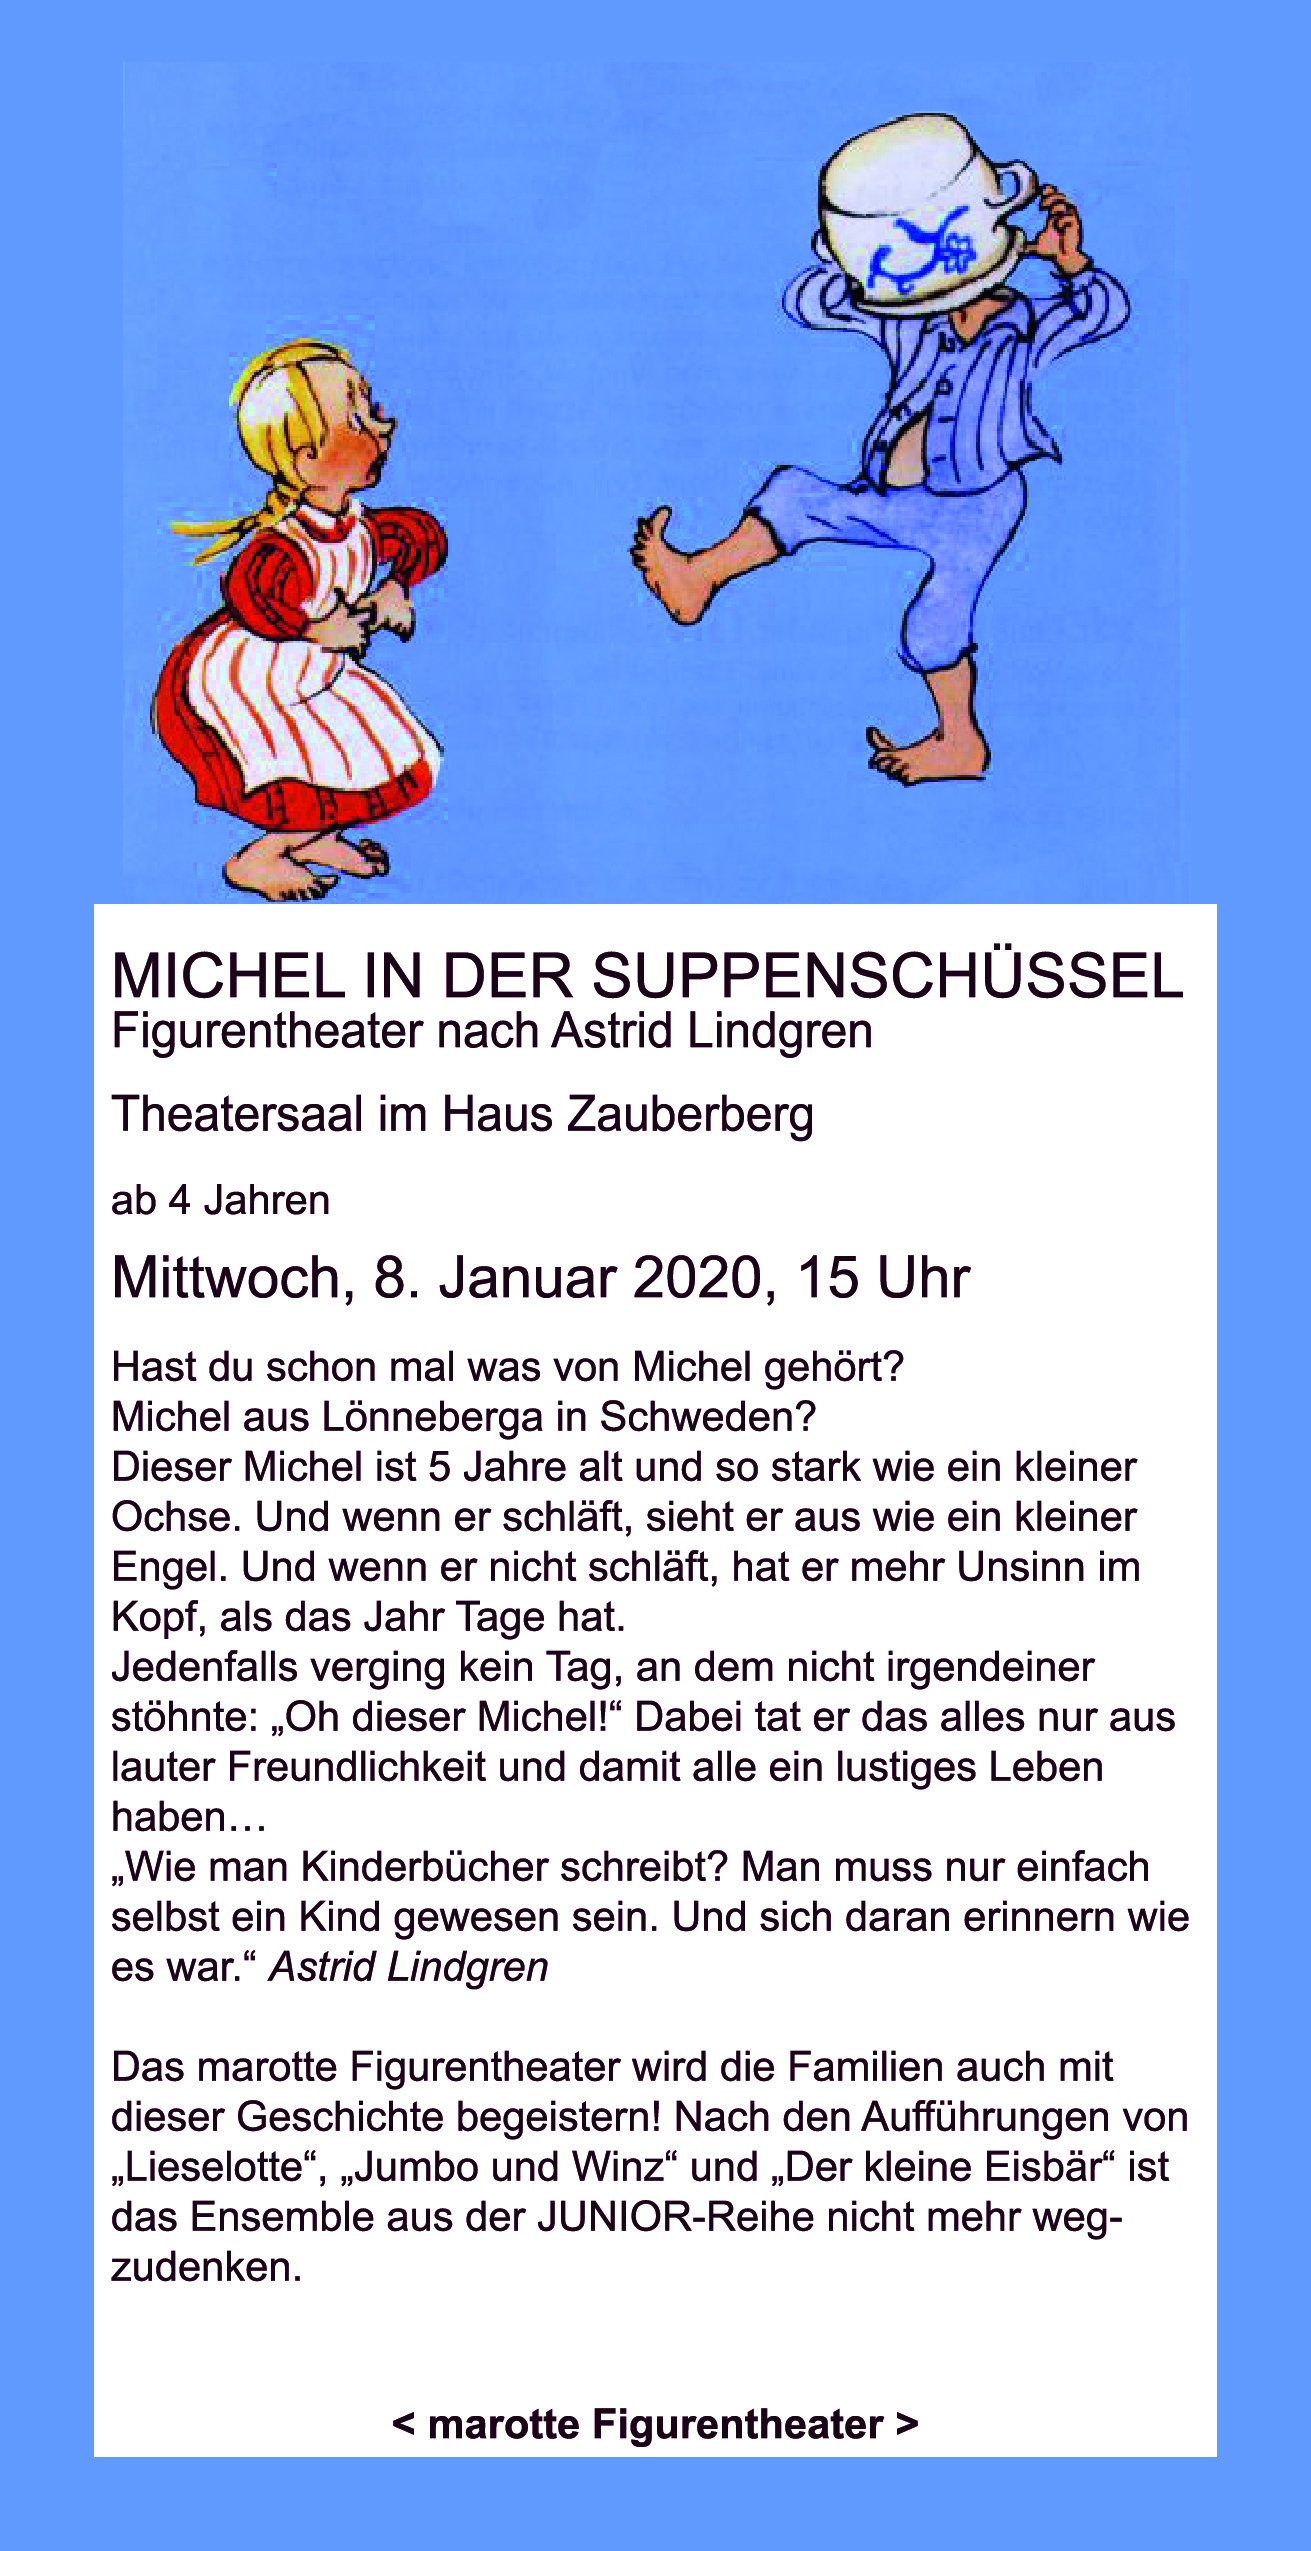 J2-Michel-in-der-Suppenschsssel